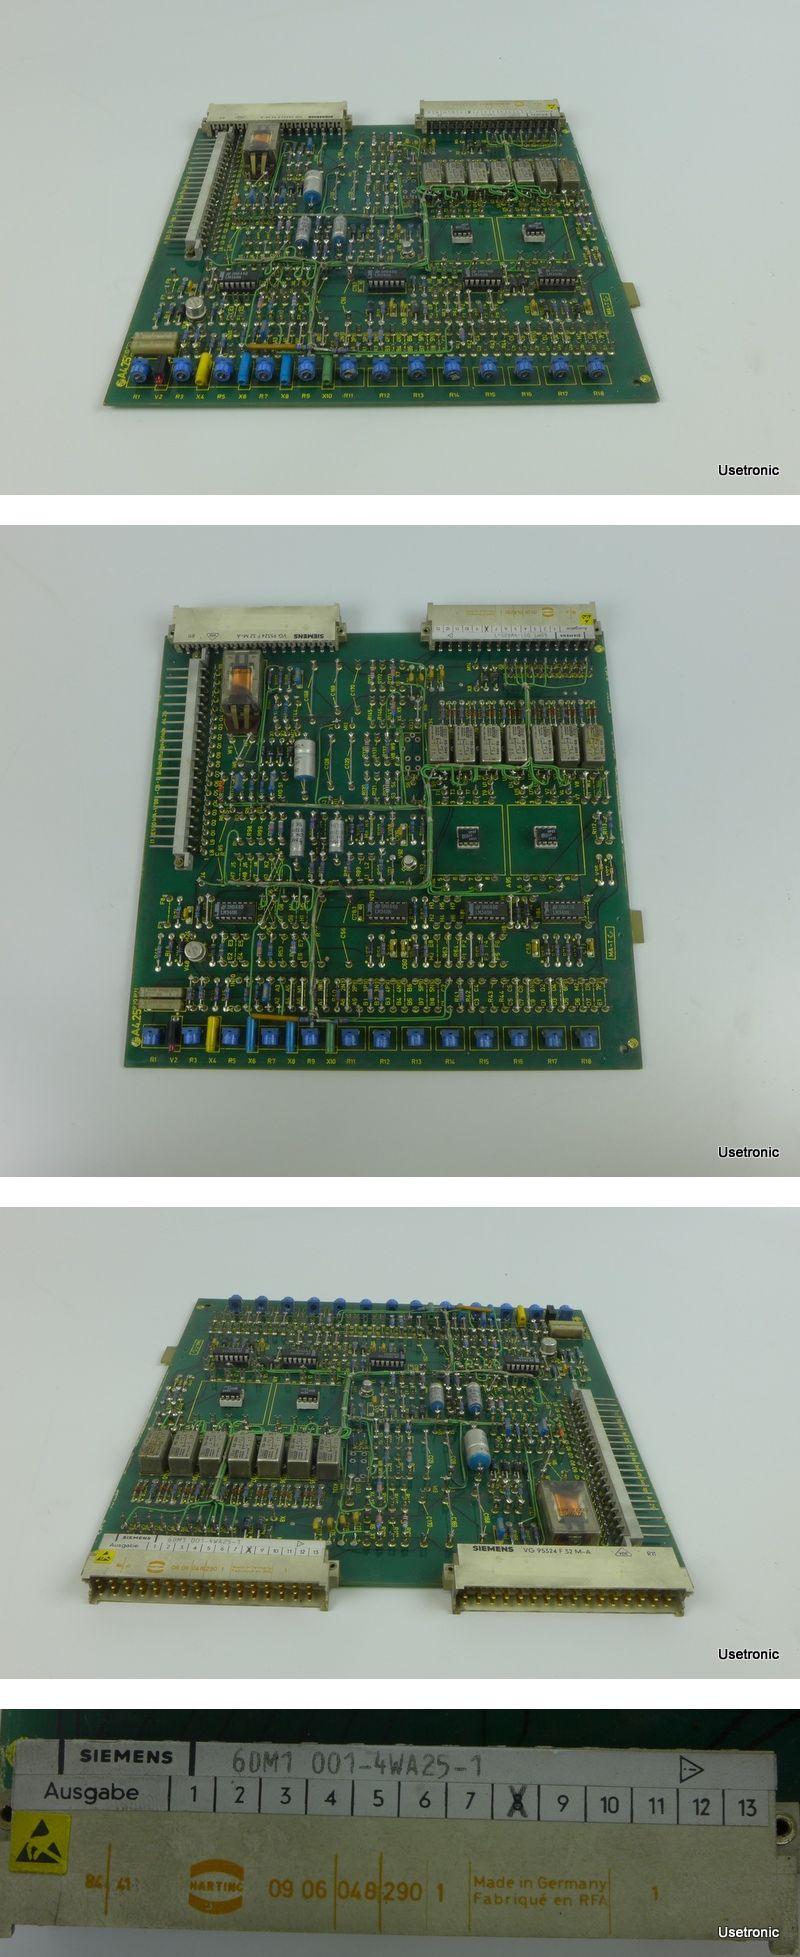 6DM1001-4WA25-1